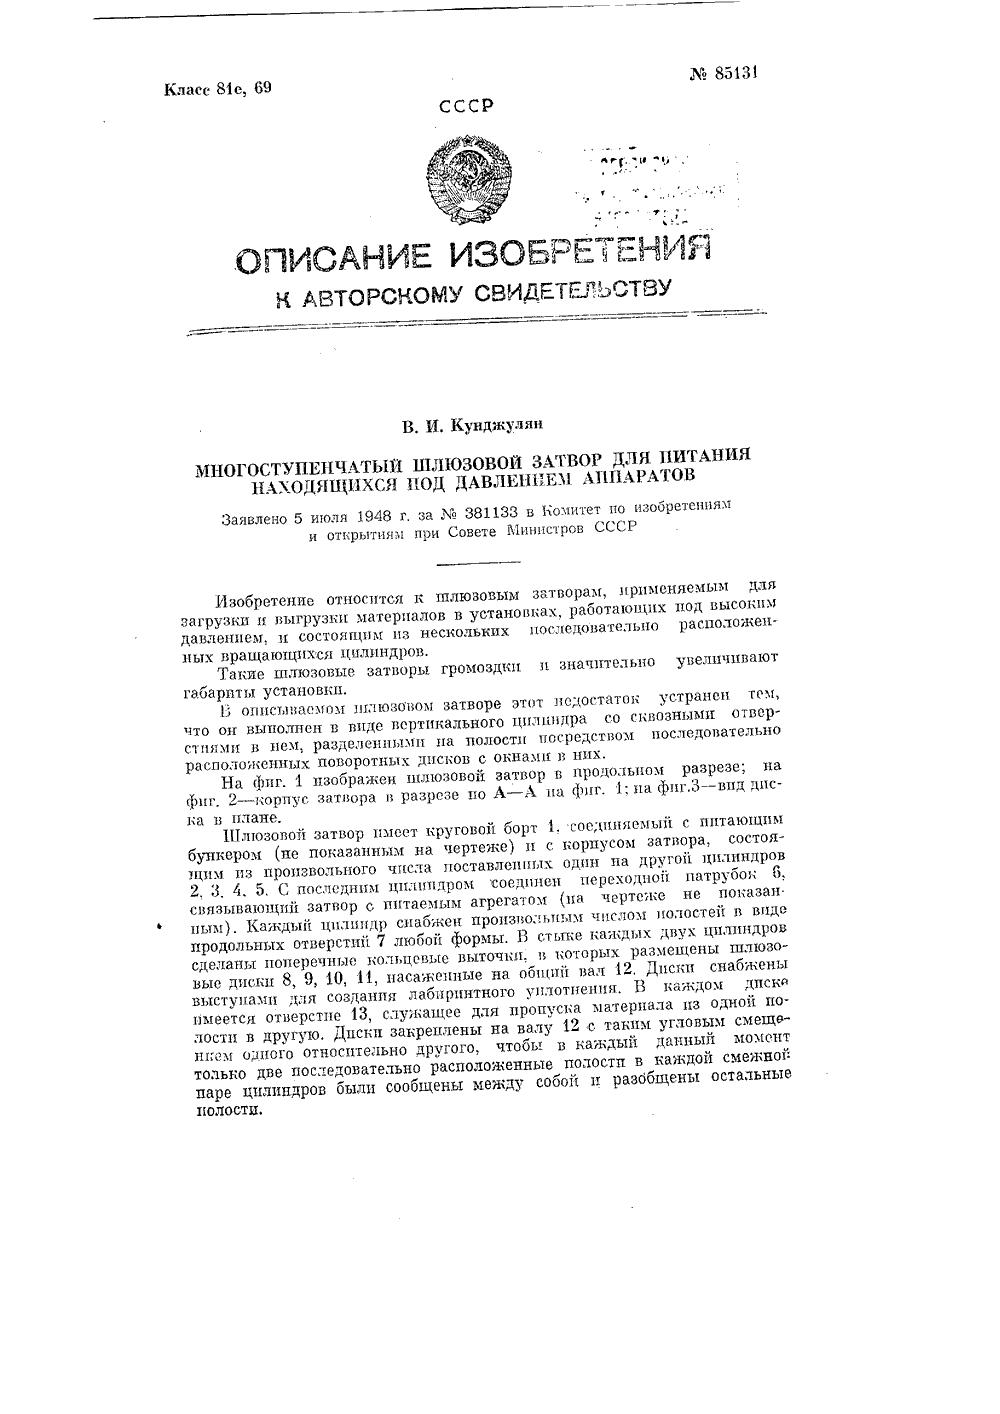 Шлюзовой питатель в Алатырь машинист дробильной установки в Омск